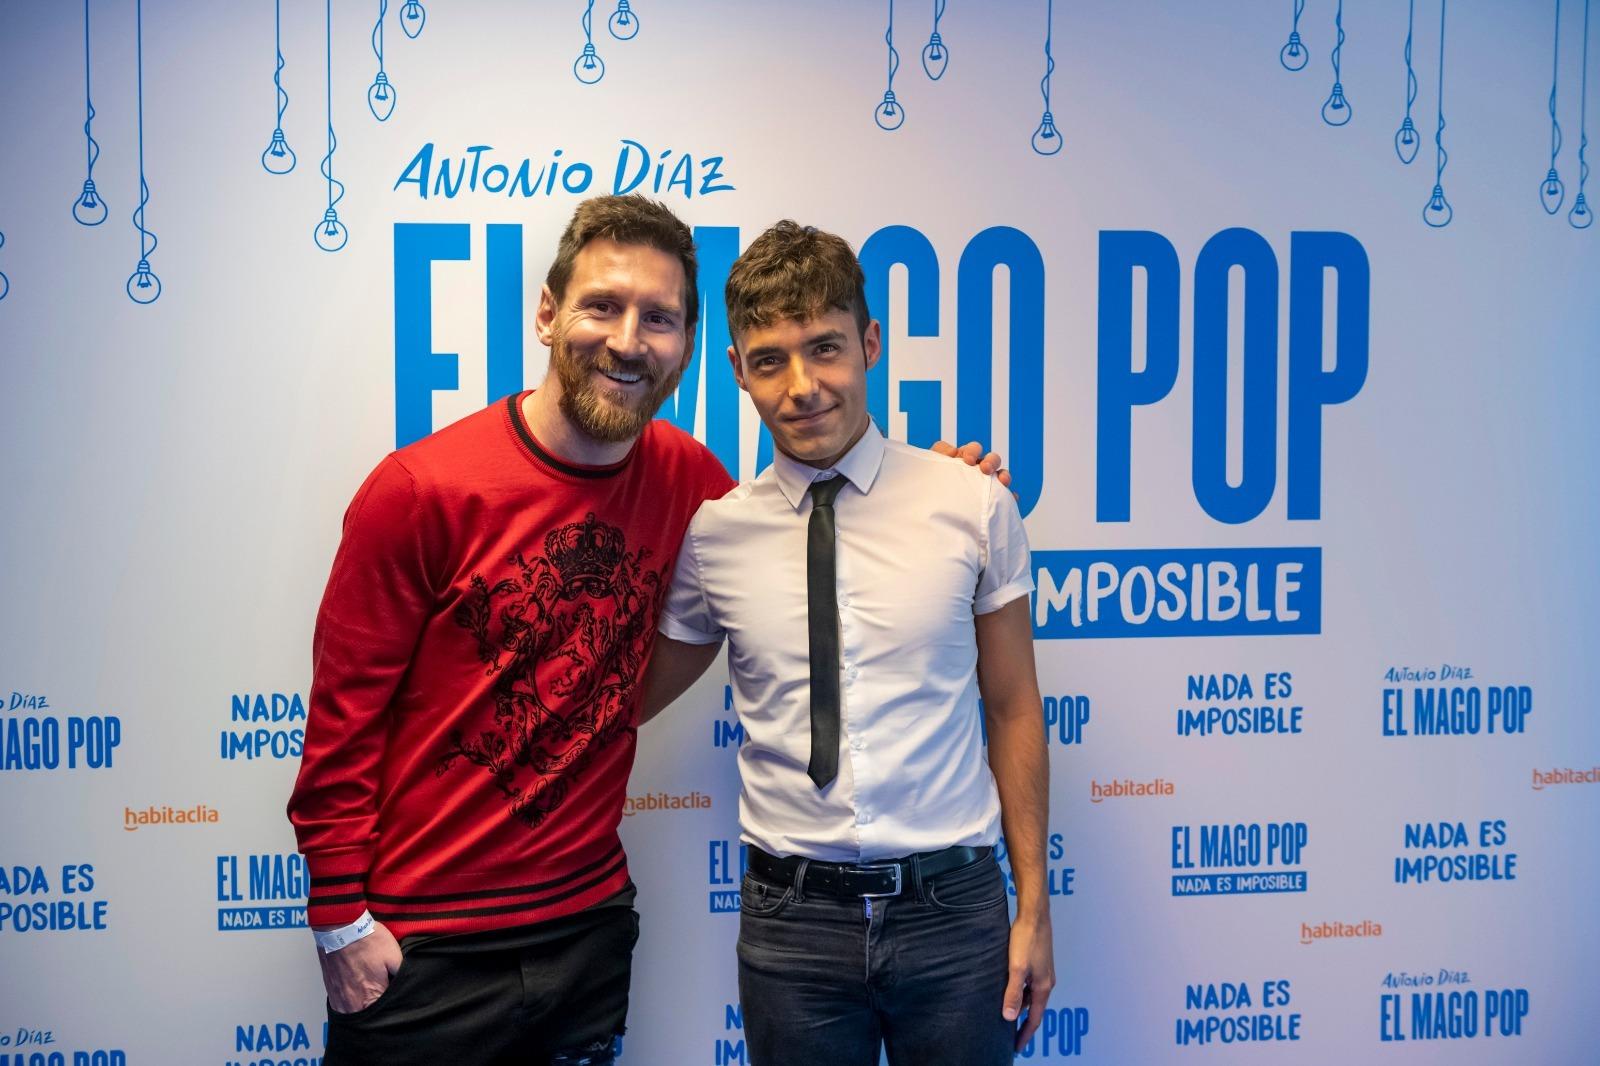 Antonio Díaz, el Mago Pop, con Messi.